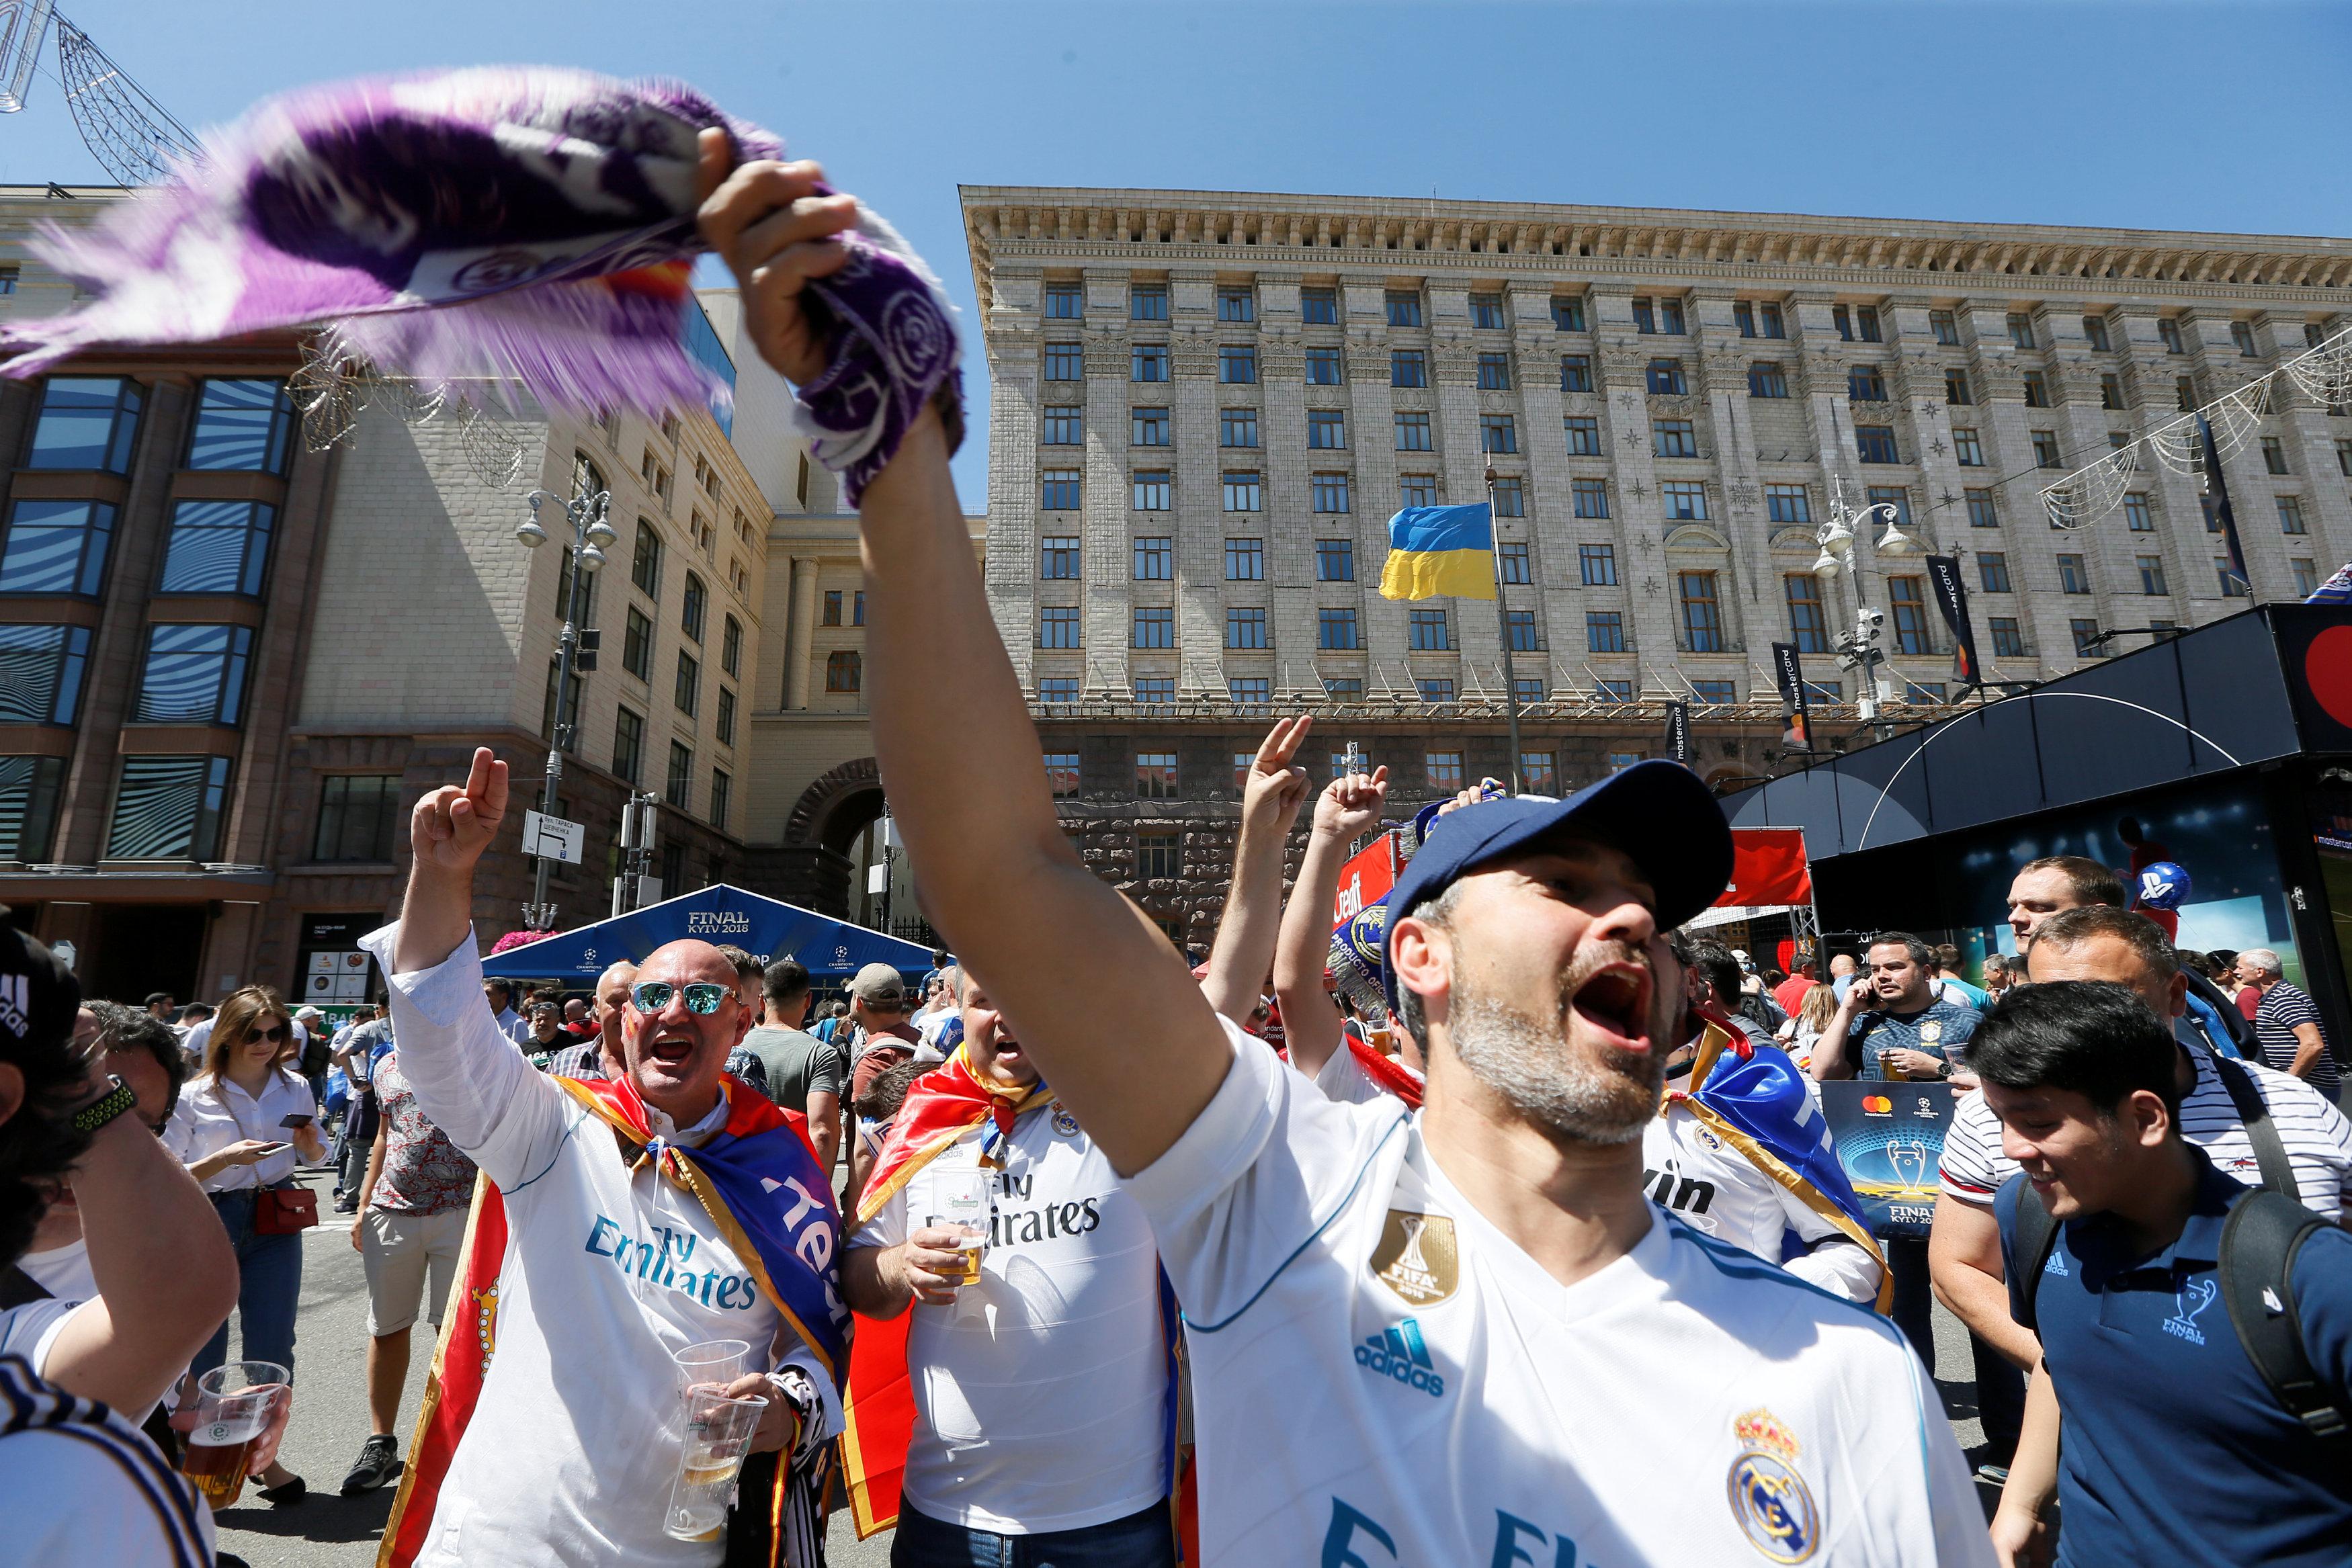 Украине нельзя пока принимать крупные мероприятия